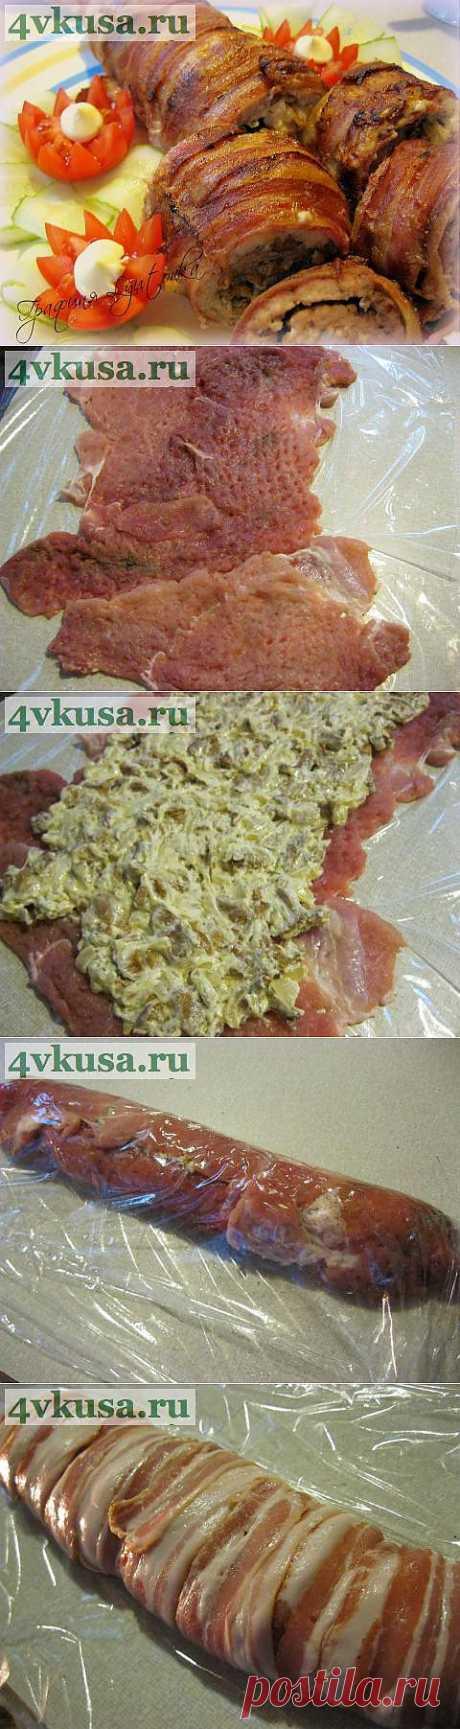 Мясной рулет с грибами и беконом | 4vkusa.ru